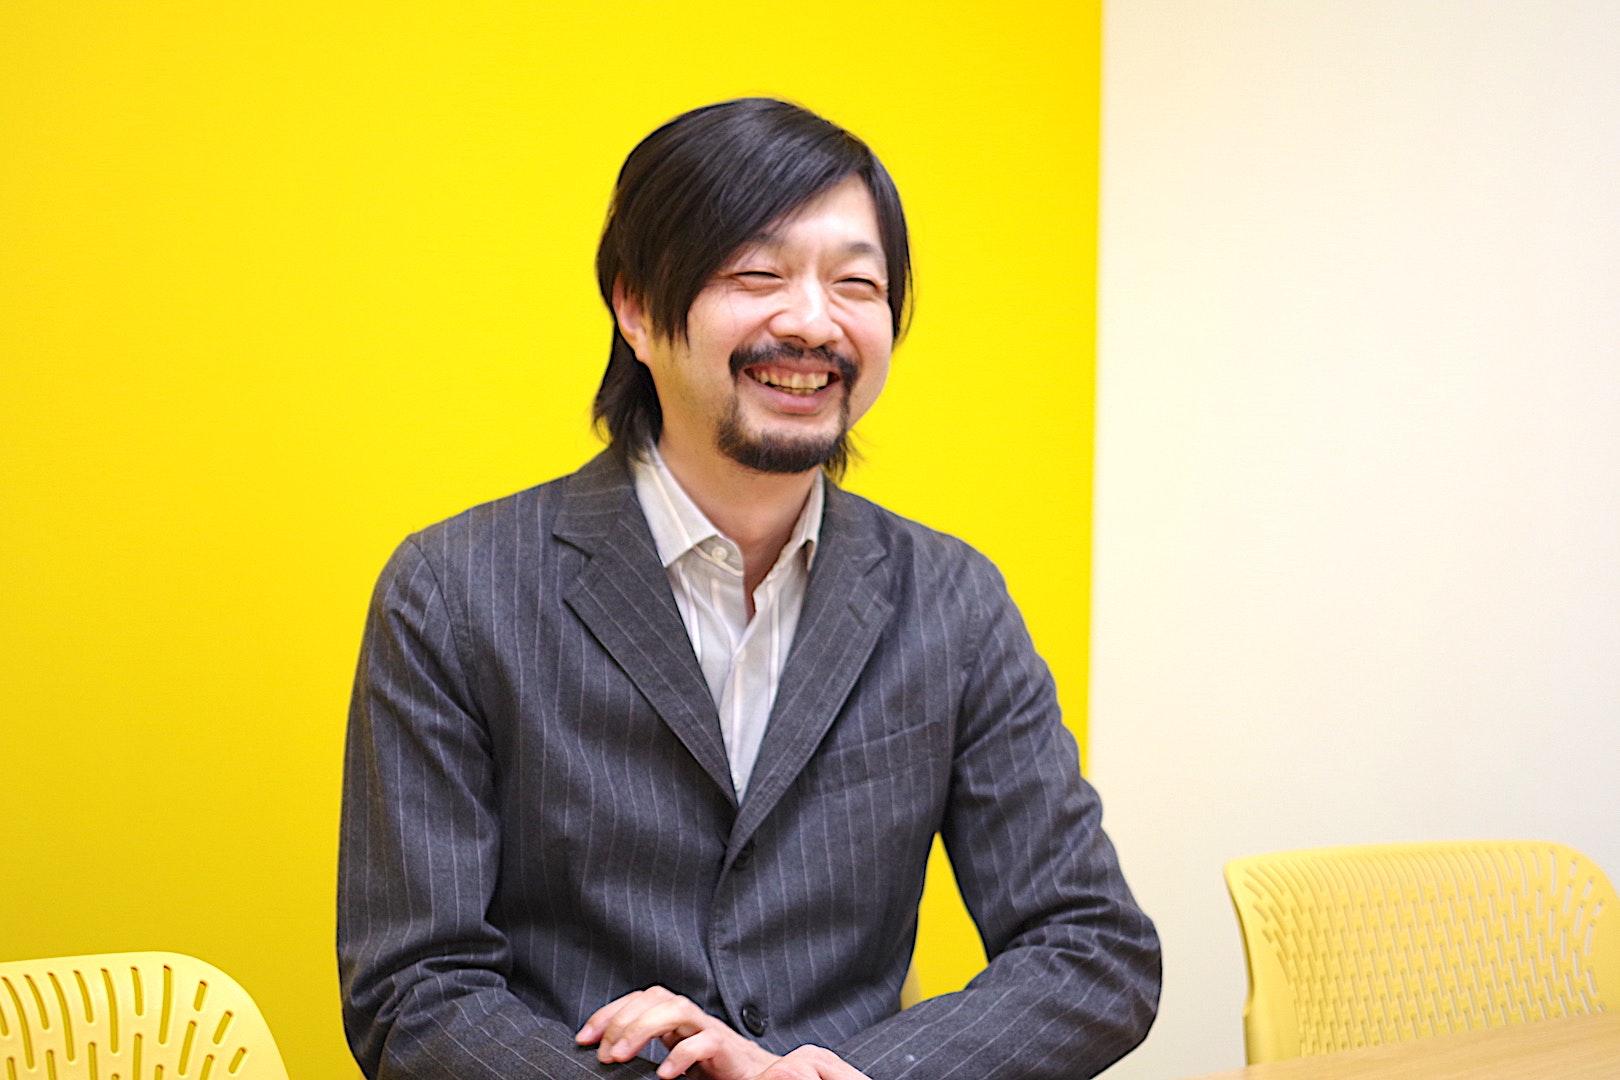 [【part.3】福岡のElixirコミュニティ fukuoka.exをどんな人がやってるか聞いてきた](http://dame.engineer/archives/439#post-439)